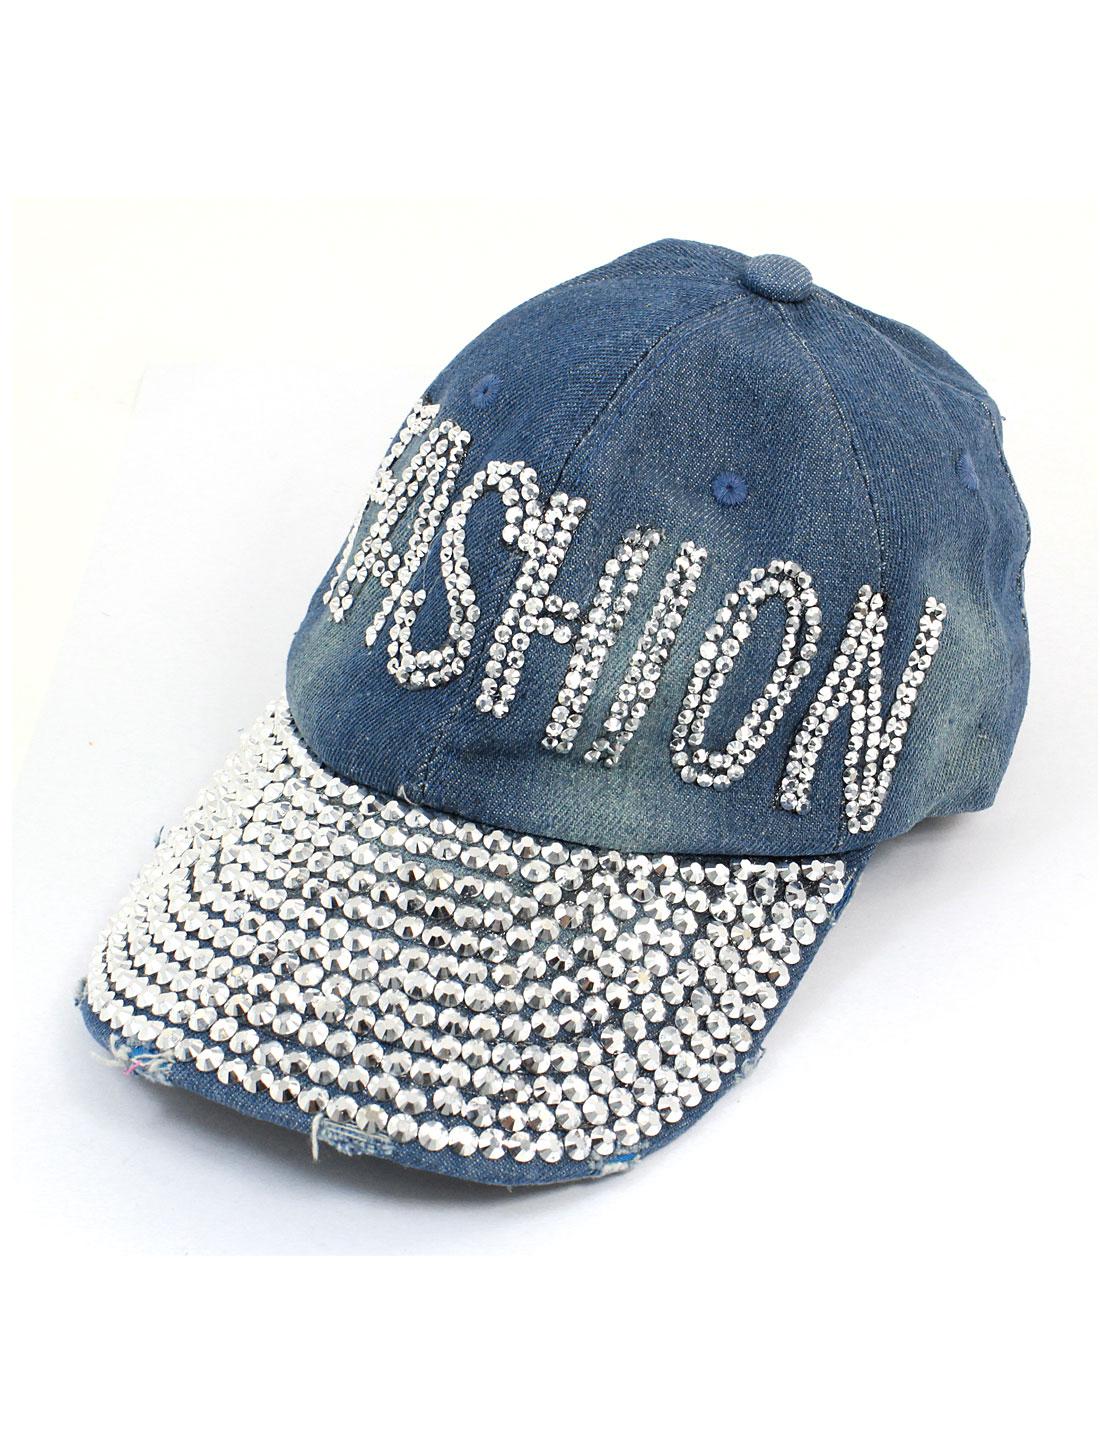 Woman Bling Bling Rhinestones Letters Decor Visor Front Summer Peaked Cap Hat Light Blue